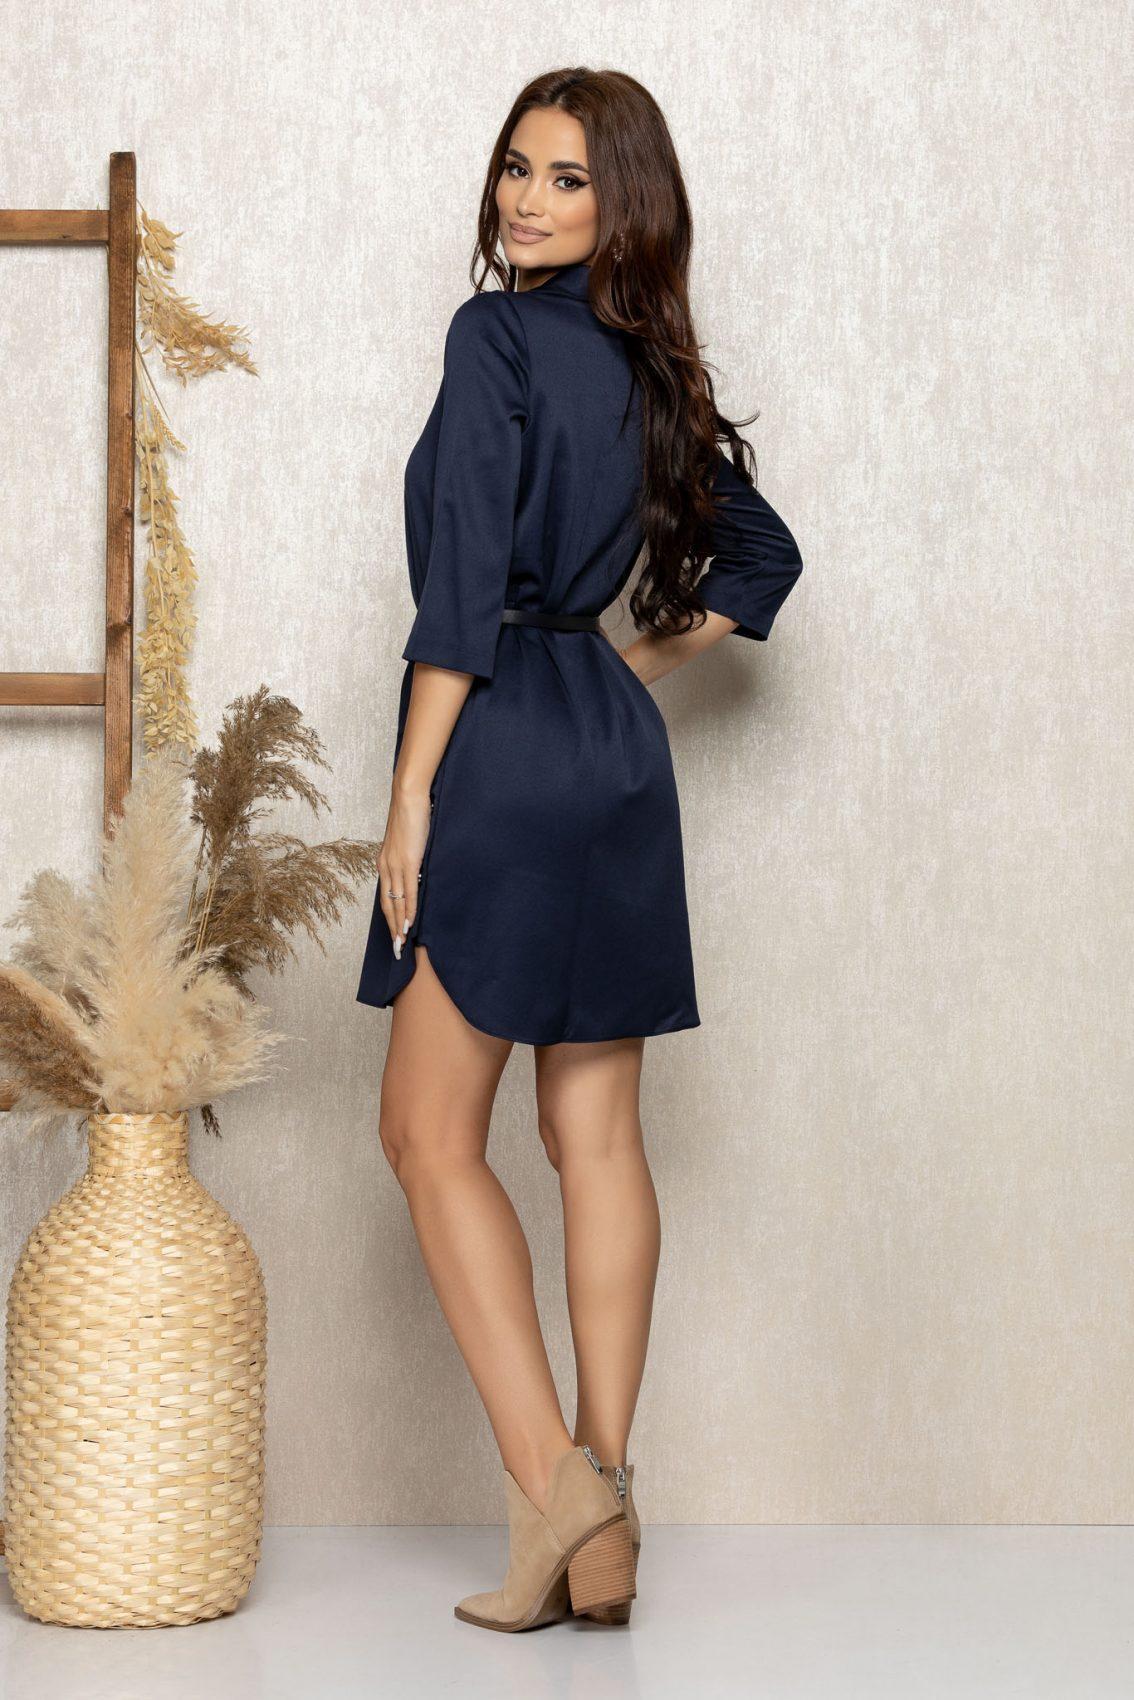 Μπλε Φόρεμα Με Κουμπιά Kenzy 9243 2